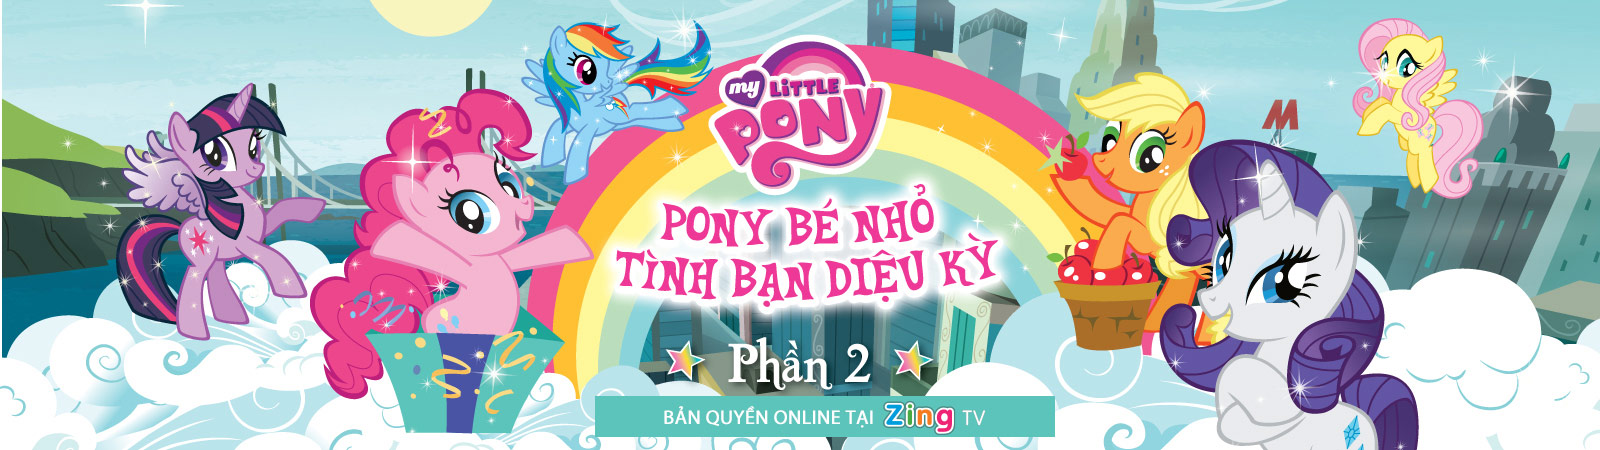 Tập 5 - Pony Bé Nhỏ - Tình Bạn Diệu Kỳ Phần 2